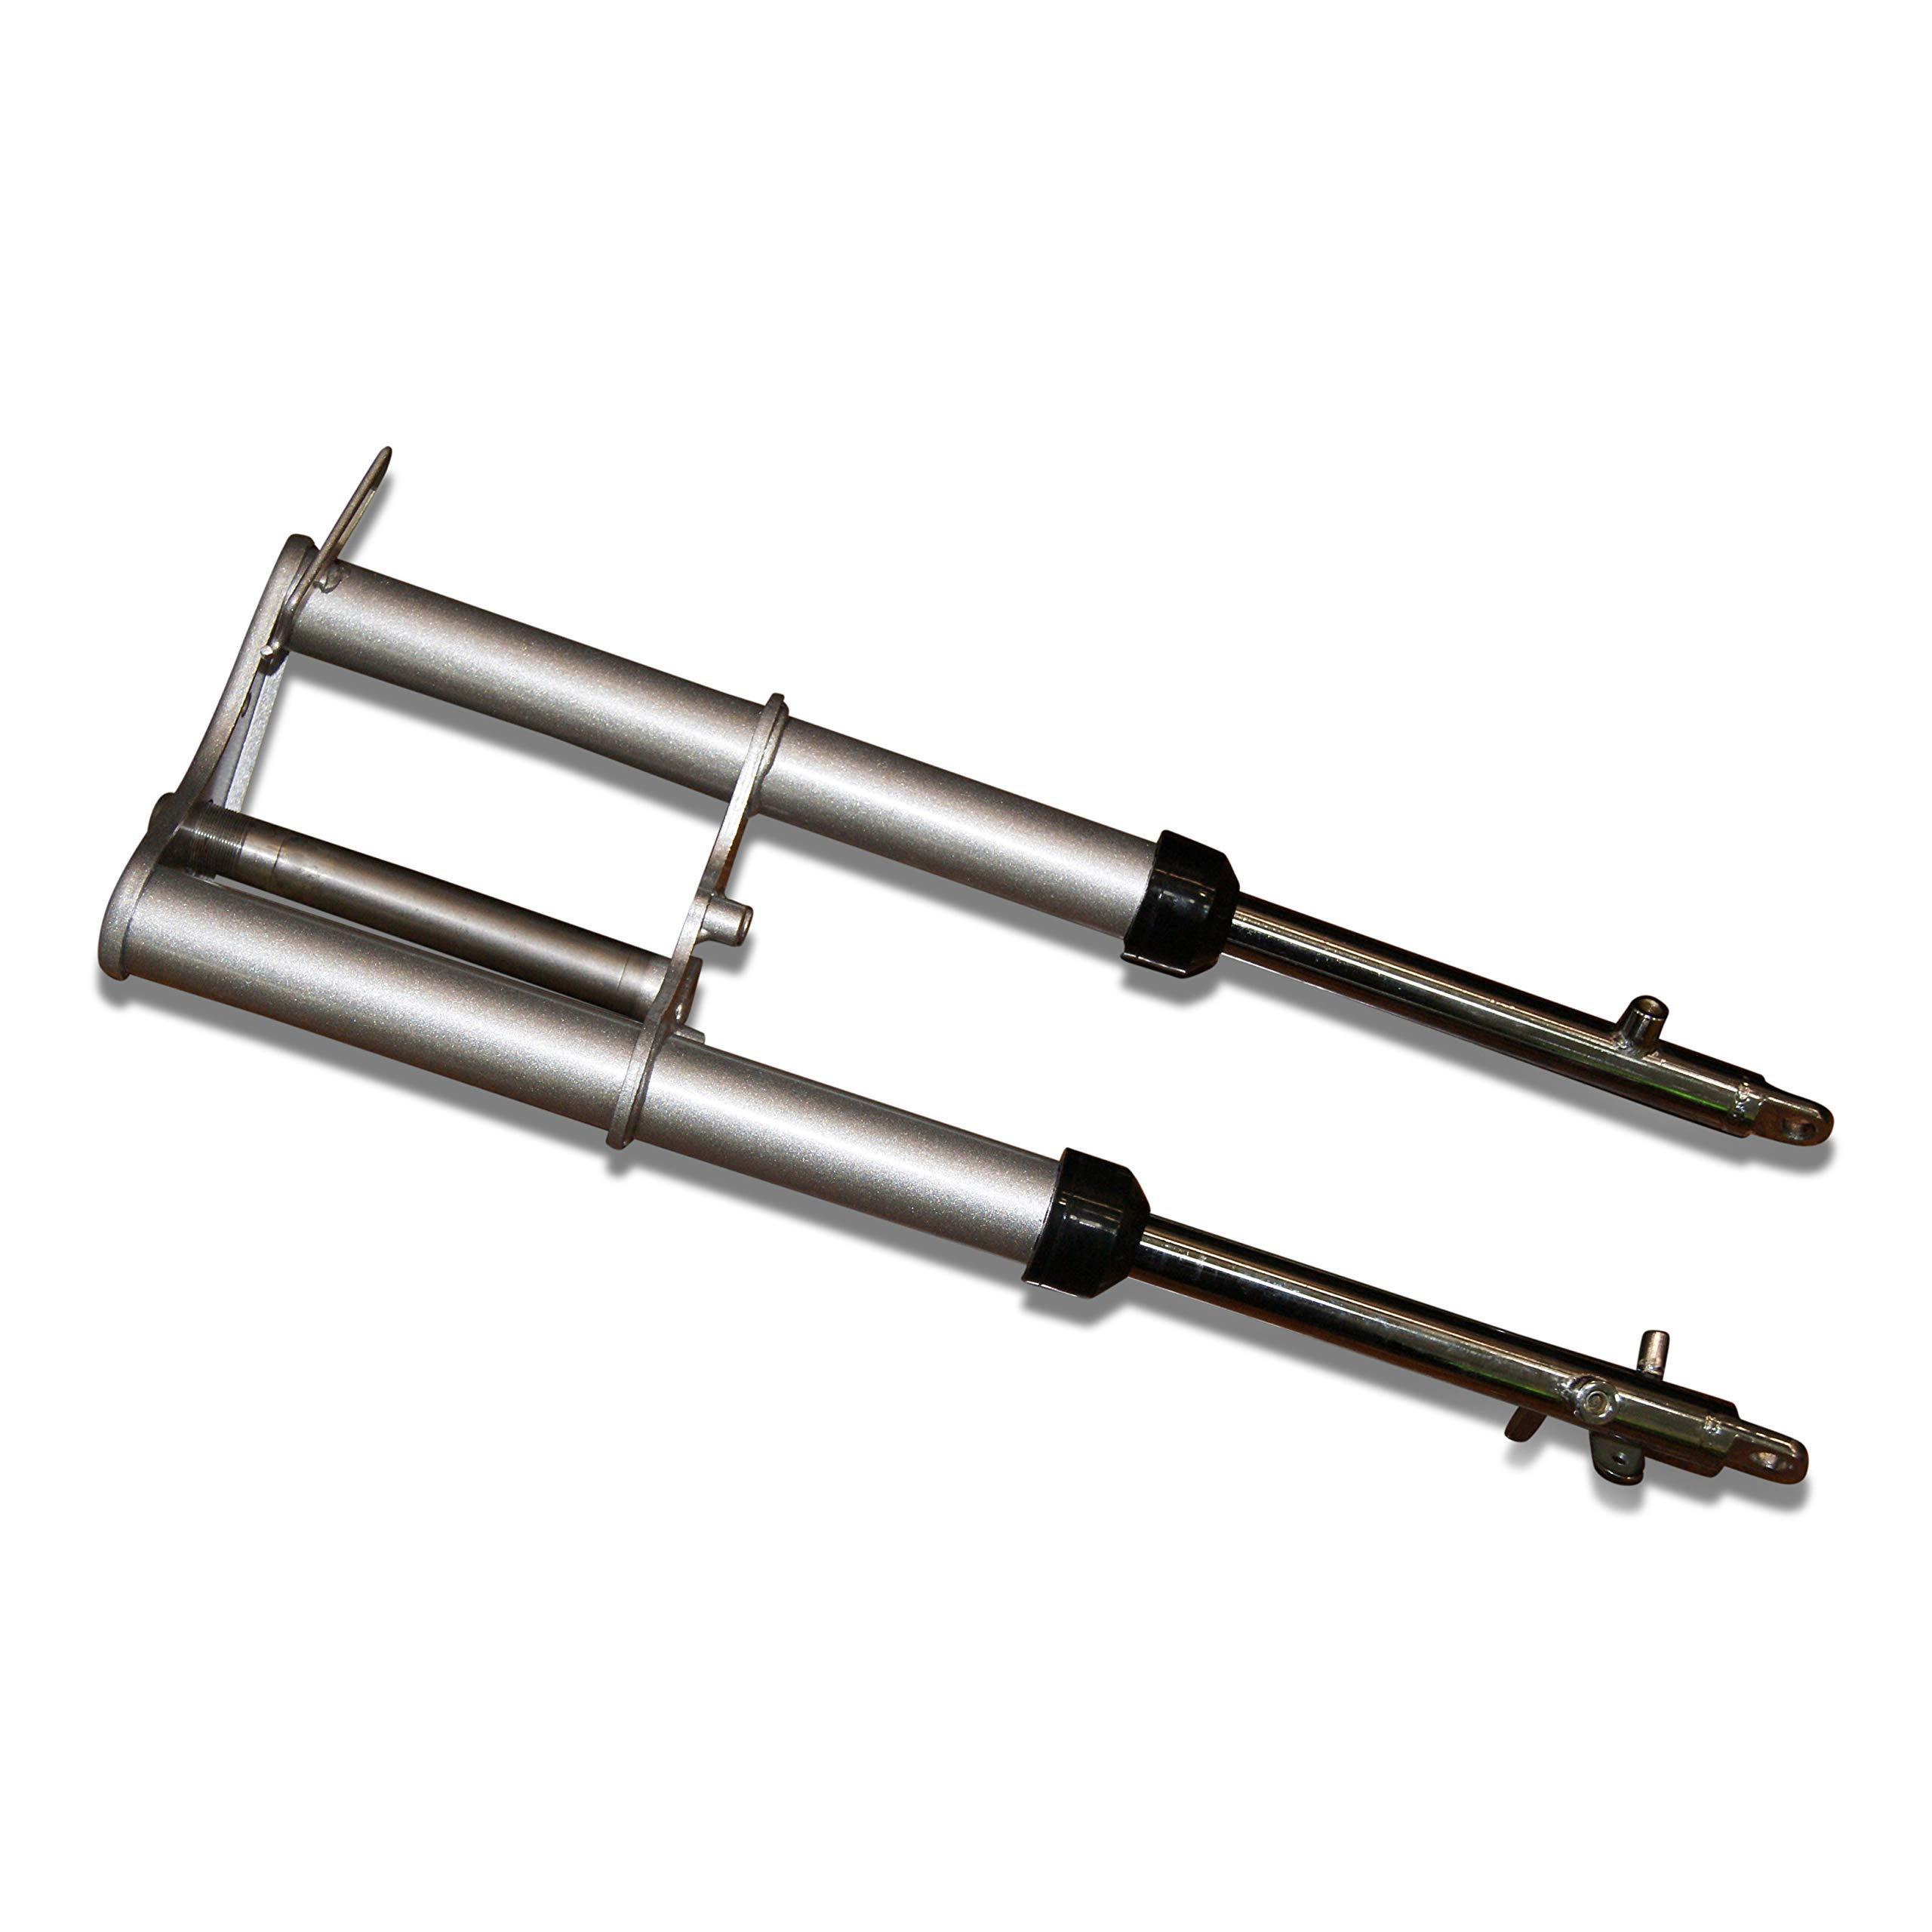 Genuine CRF50 +1'' HD Piranha Forks. Heavy Duty Pit Bike Forks. CRF 50 XR